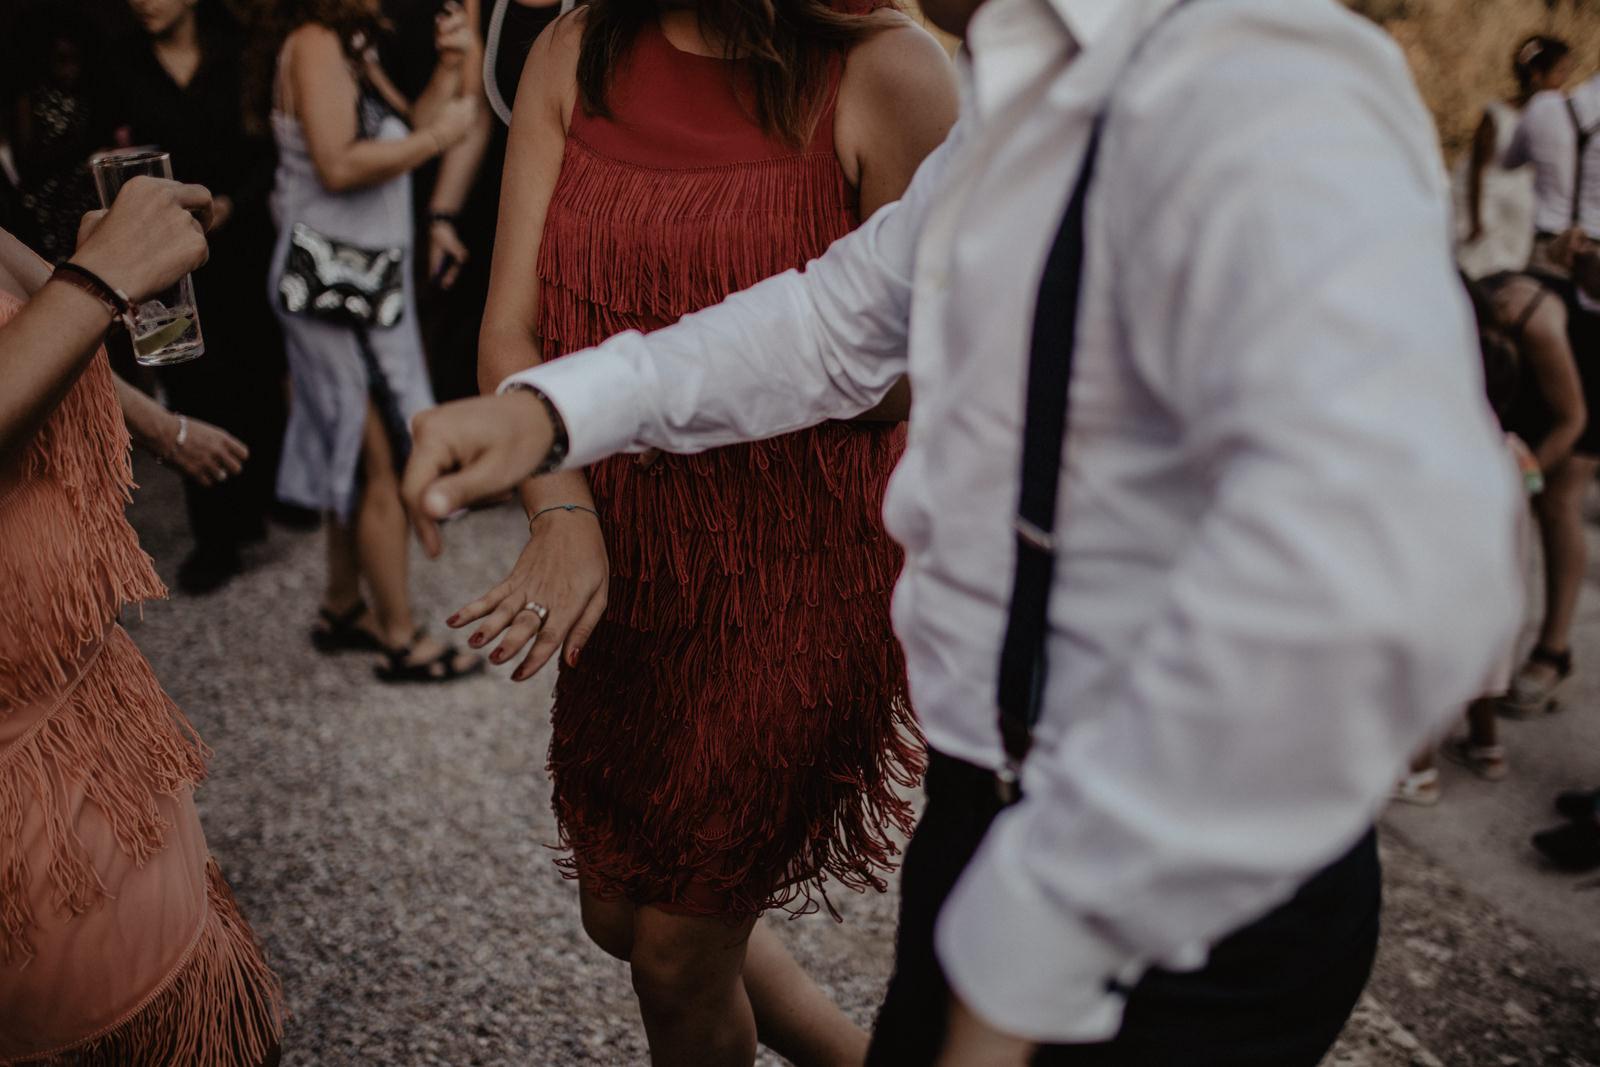 thenortherngirlphotography_photography_thenortherngirl_rebeccascabros_wedding_weddingphotography_weddingphotographer_barcelona_bodaenlabaronia_labaronia_japanesewedding_destinationwedding_shokoalbert-617.jpg